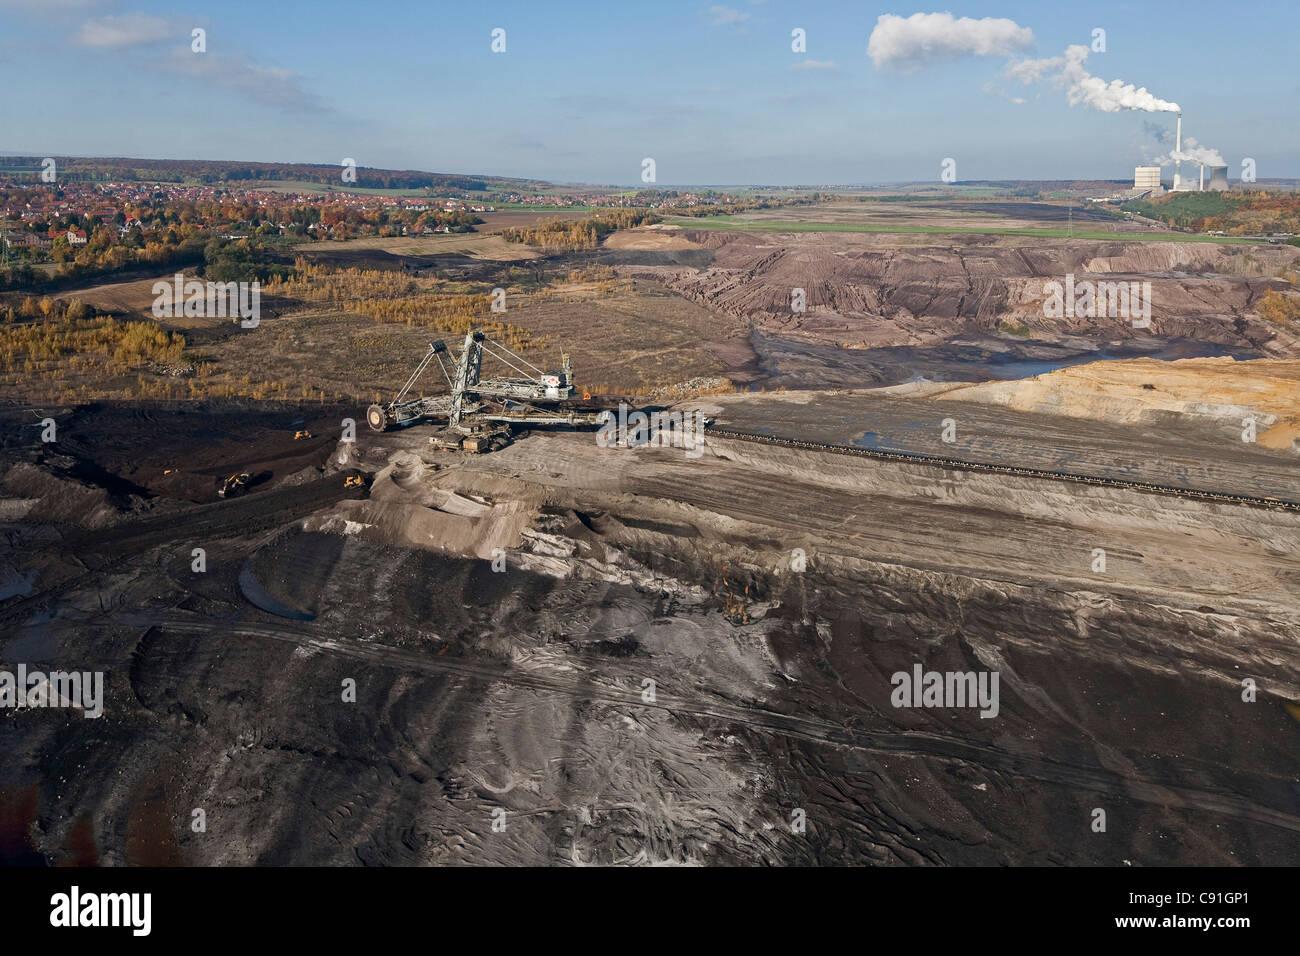 Vista aerea di una benna-escavatore a ruote con nastro trasportatore per aprire-pit lignite lignite Schoeningen Immagini Stock